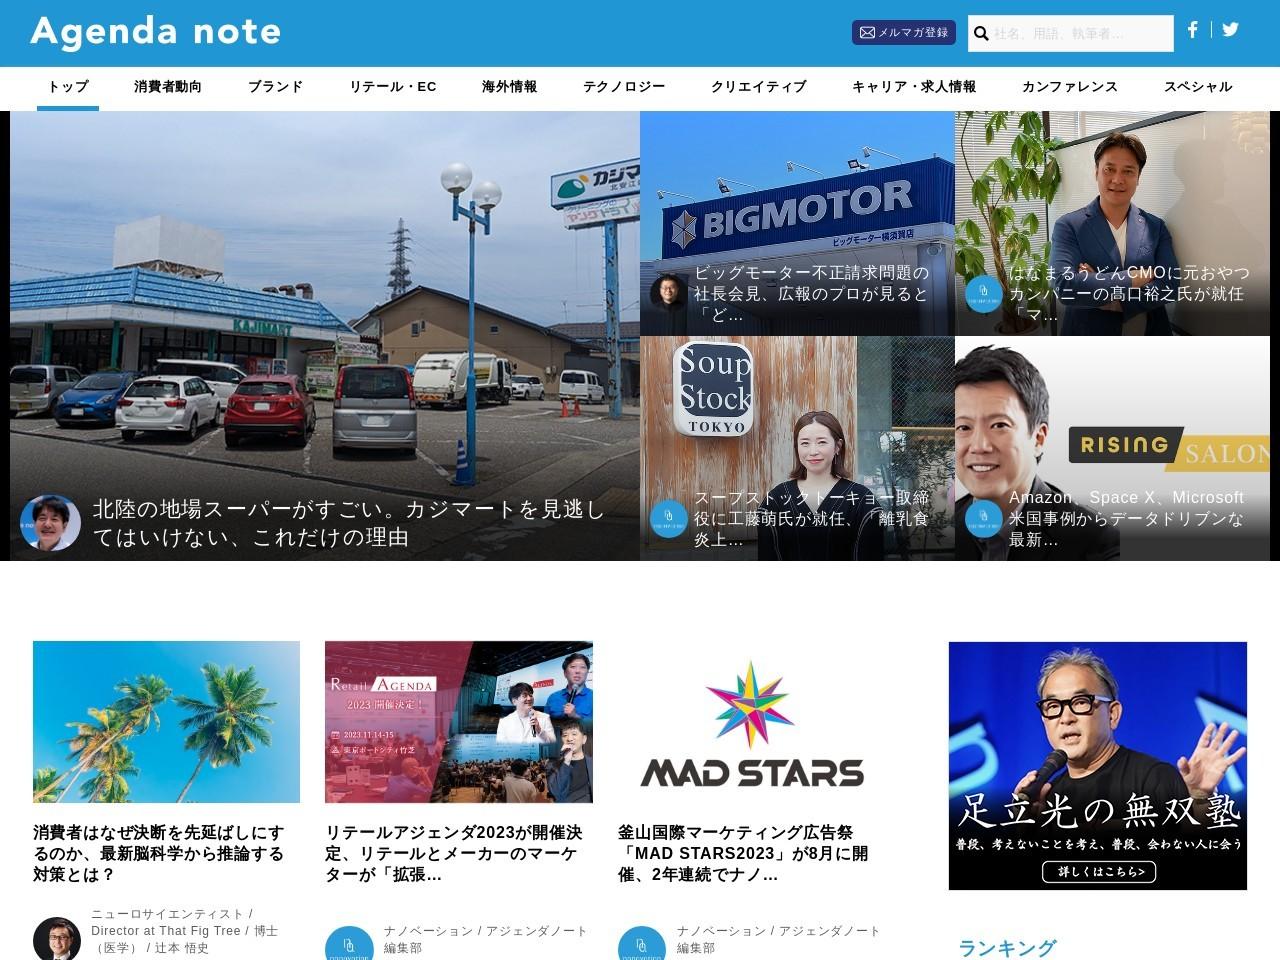 オープンエイト 髙松雄康氏に聞く、AIによる自動動画制作ツール「VIDEO BRAIN」の効果